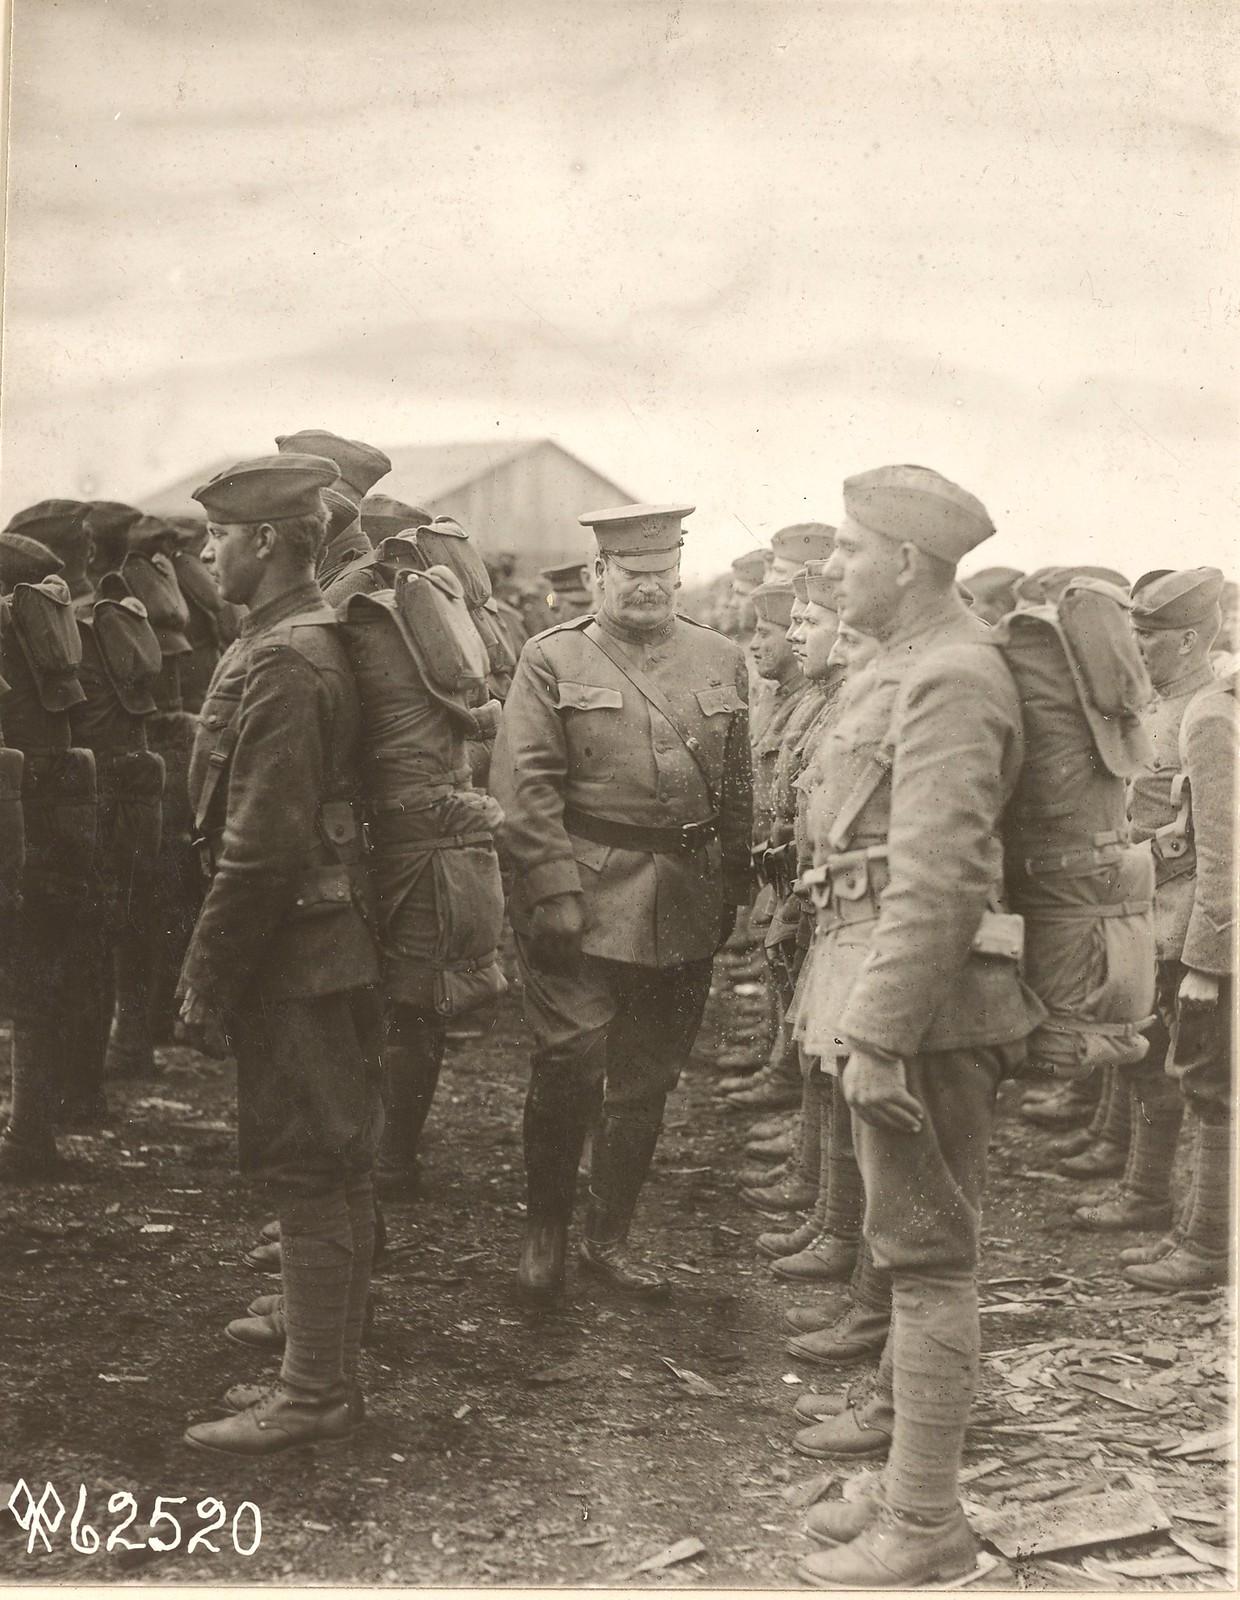 Командующий войсками американской экспедиции генерал Ричардсон проходит строй солдат 339-го пехотного полка в день их отправки из Архангельска в Брест